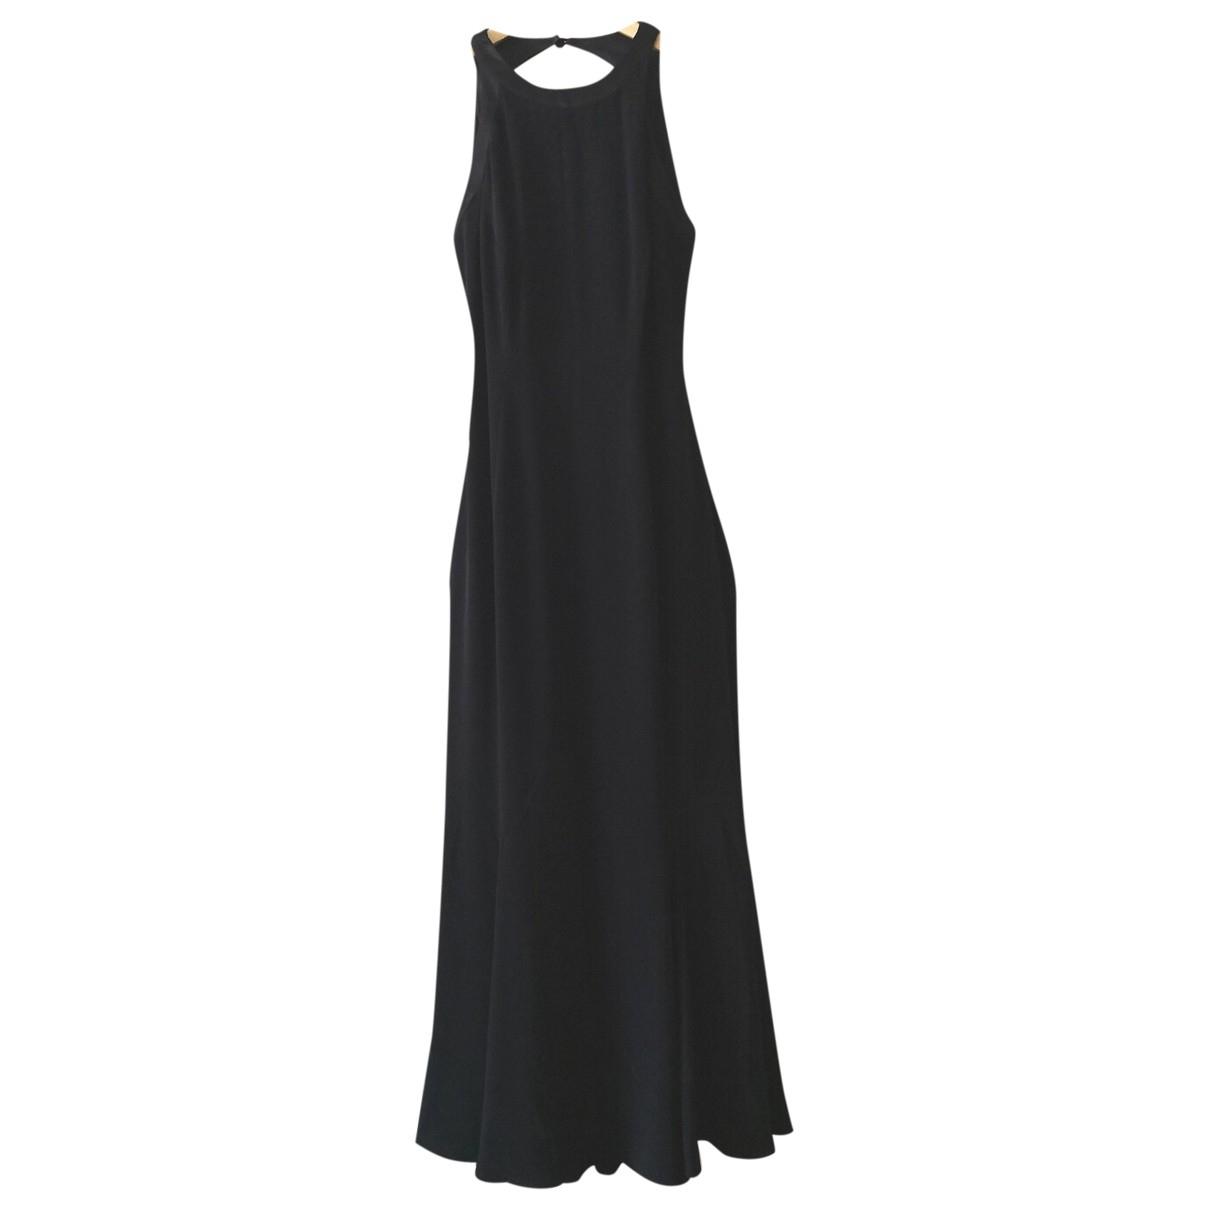 John Charles \N Black dress for Women 12 US